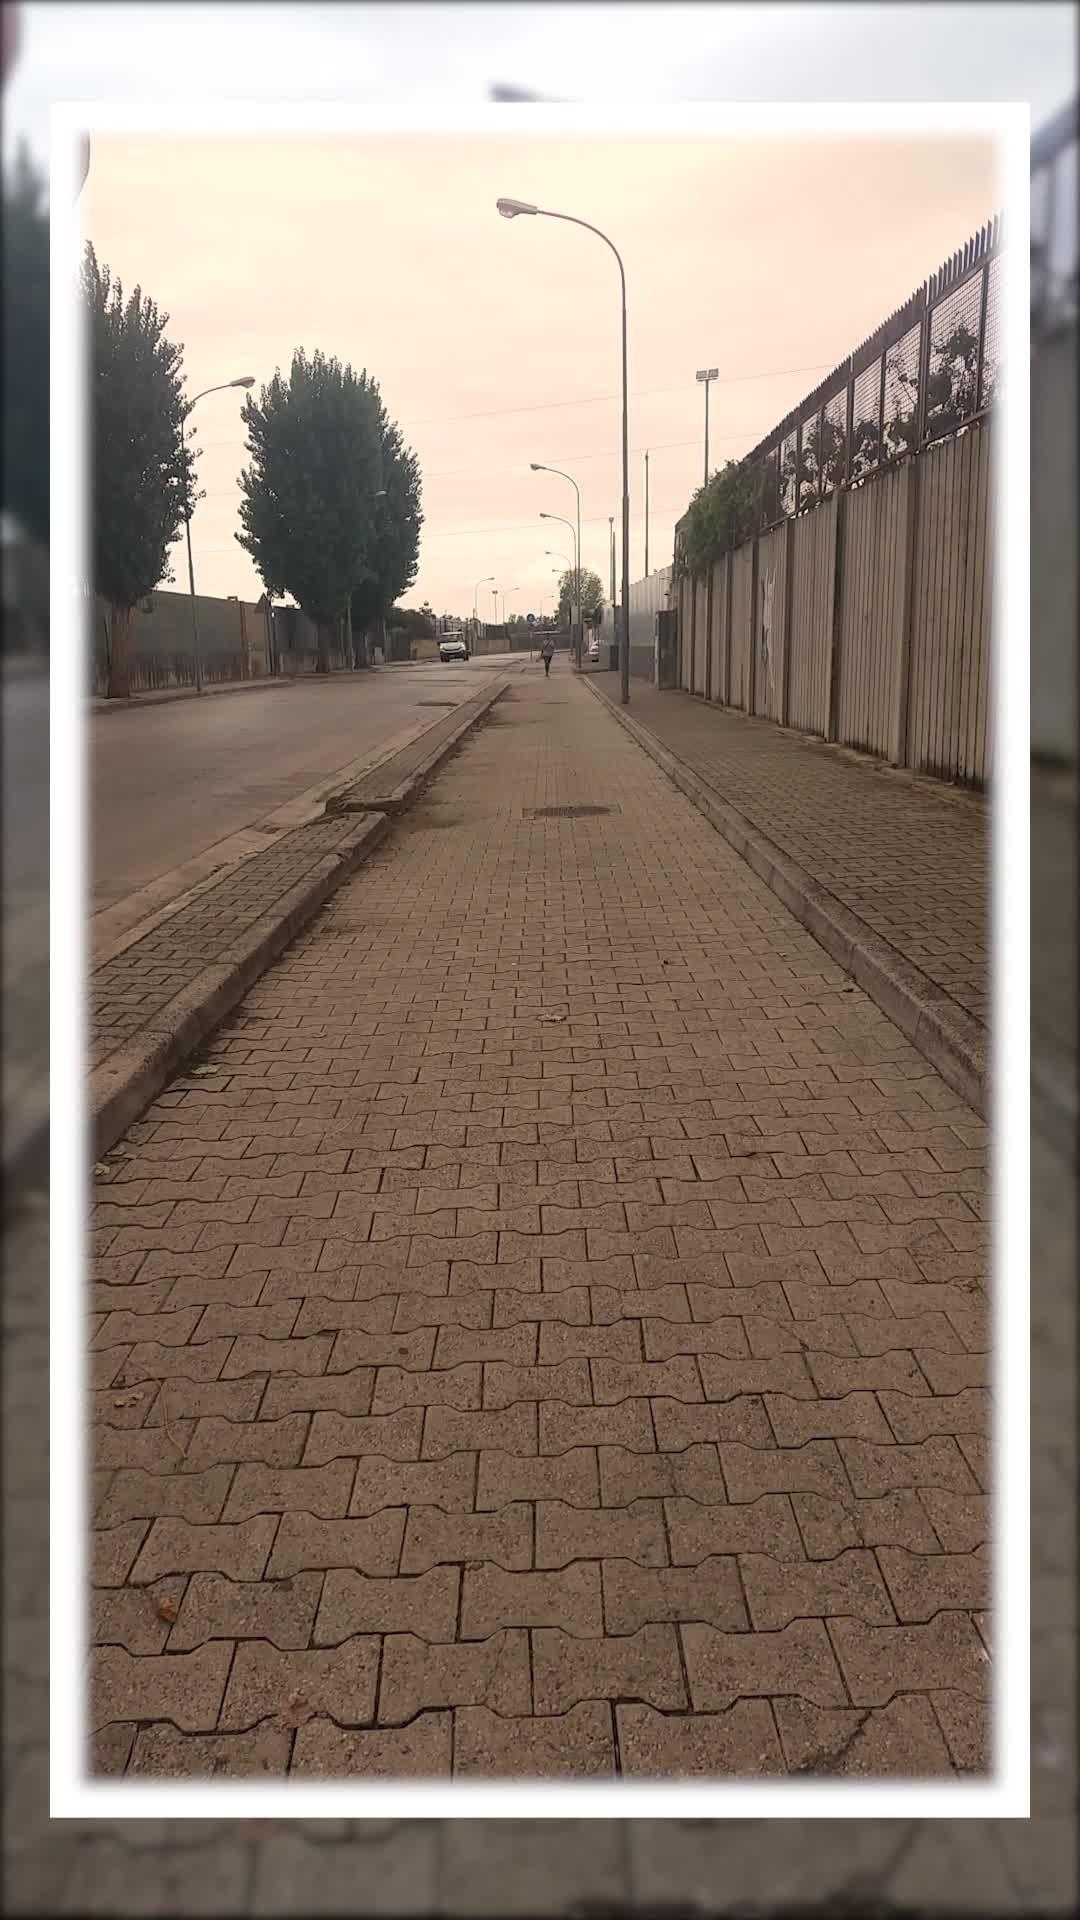 nfs11_ Instagram filter FrameStamp